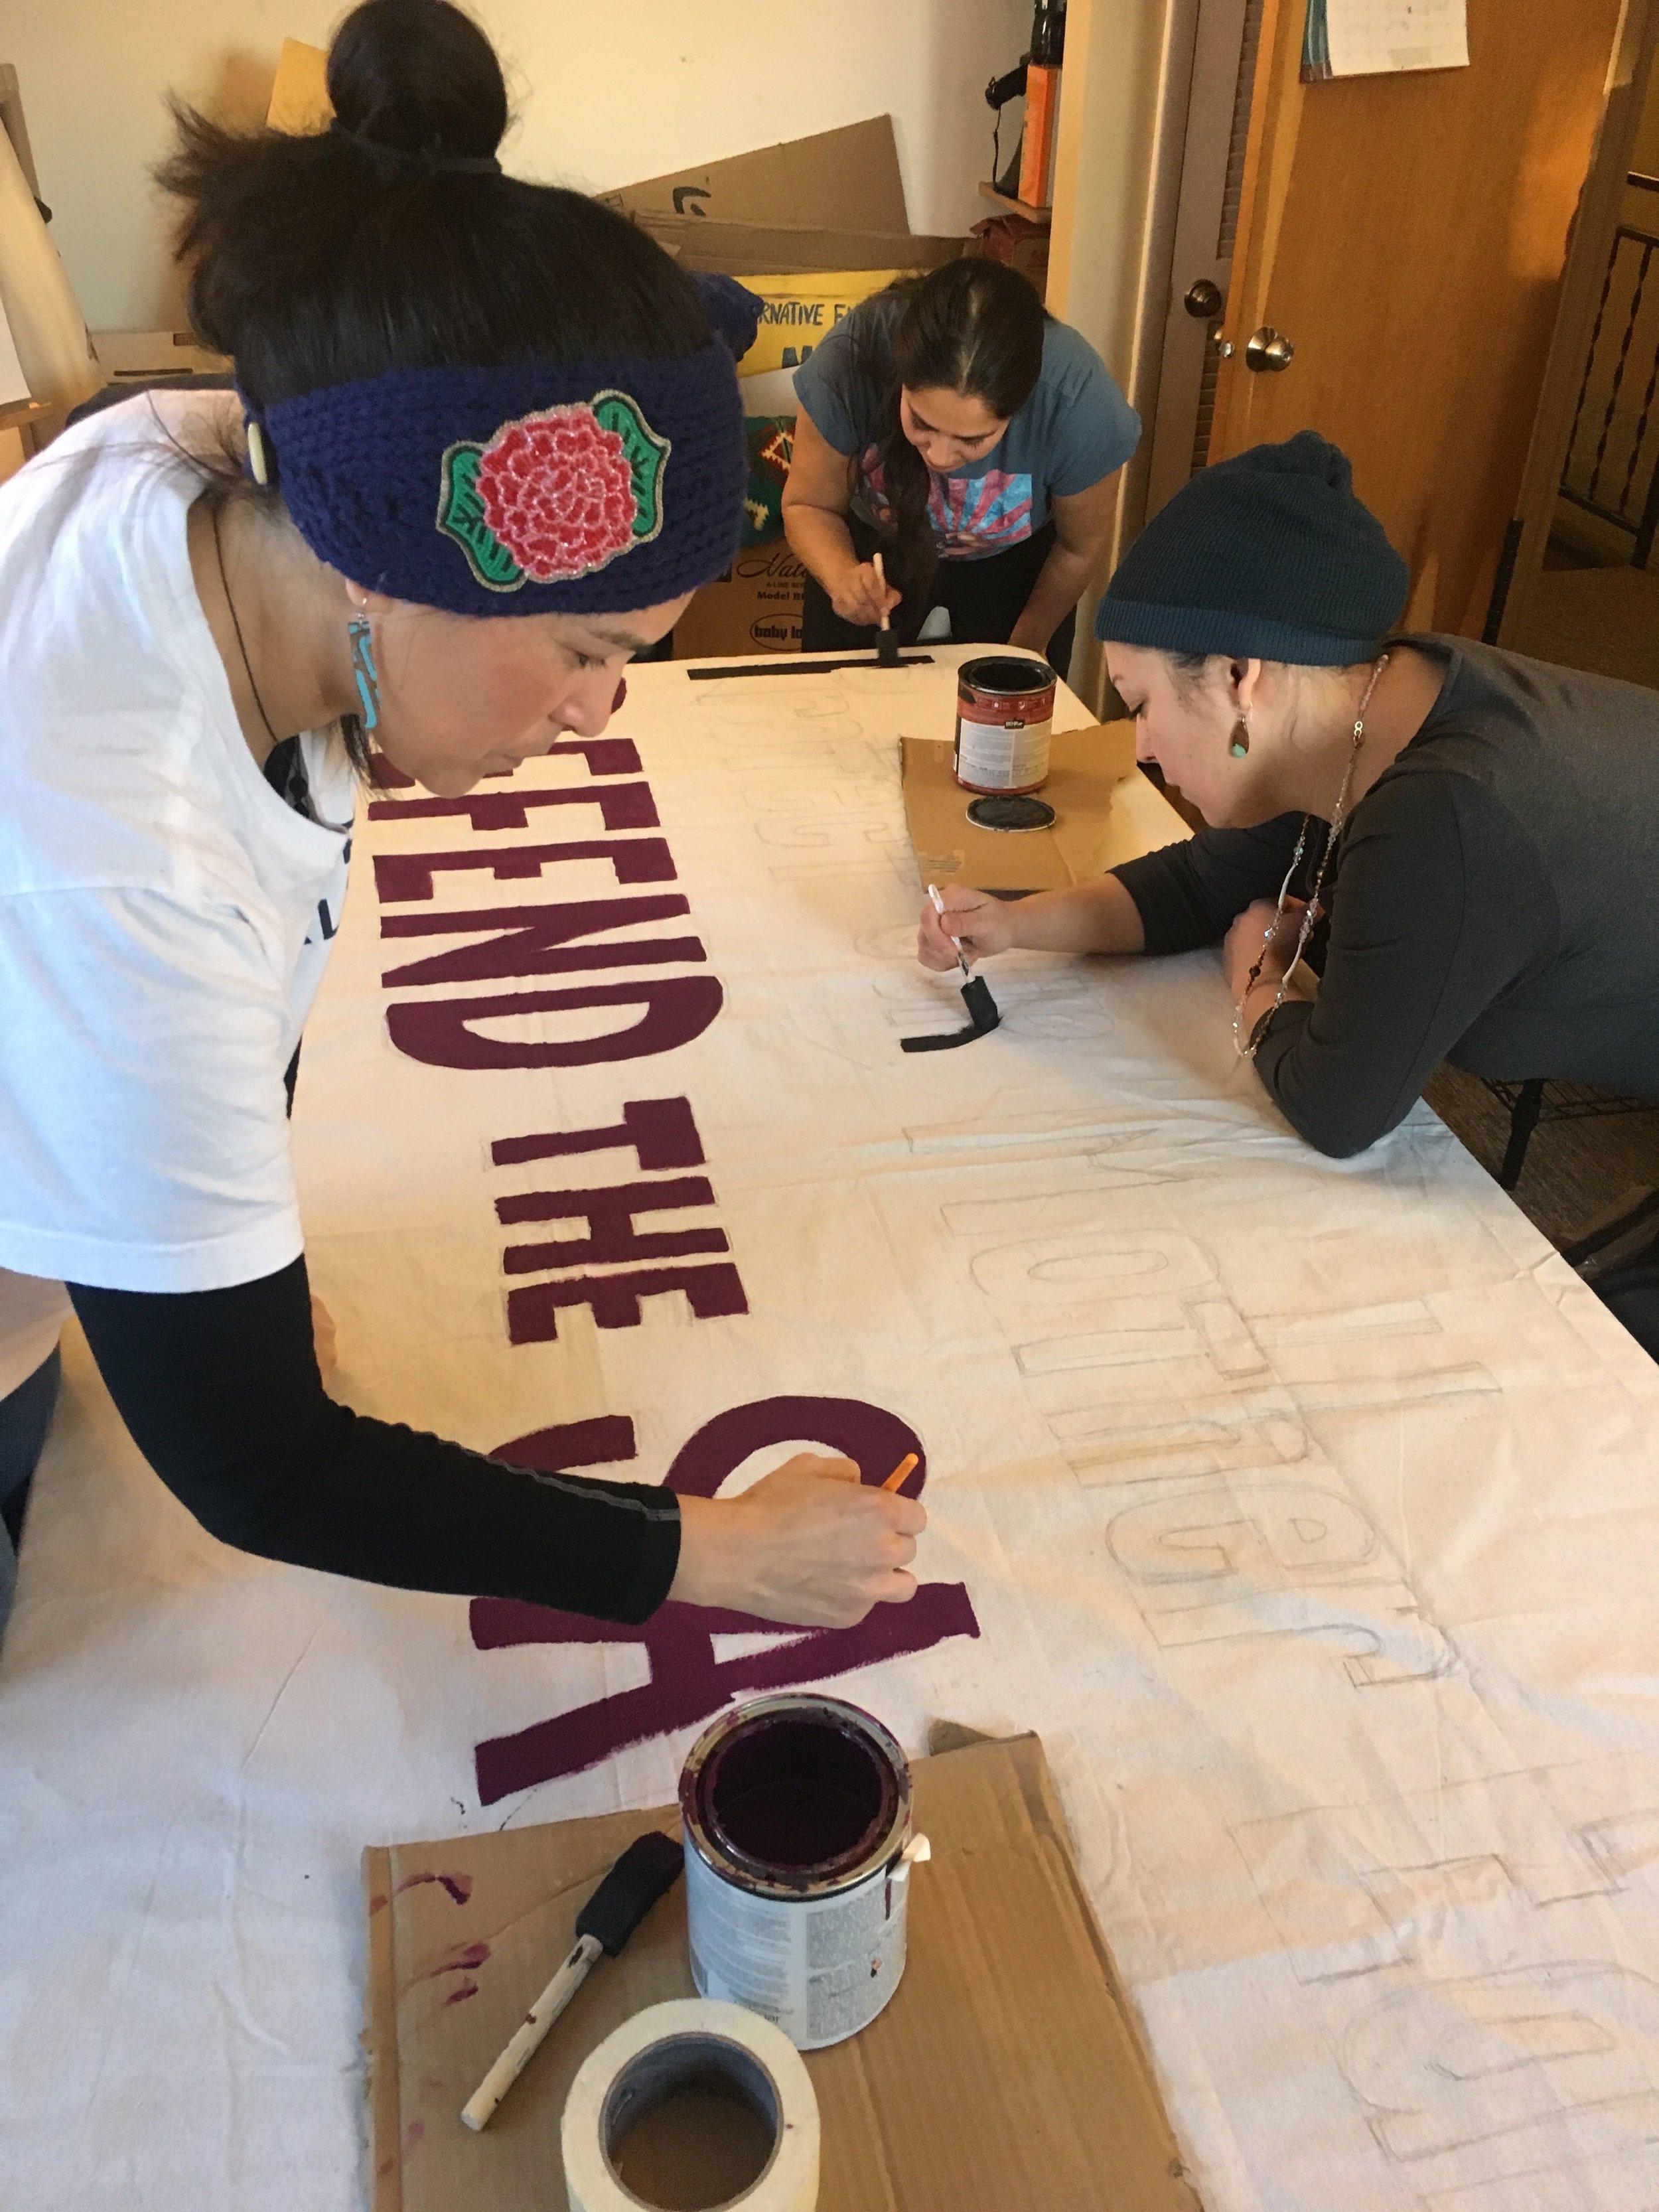 banner making.jpg